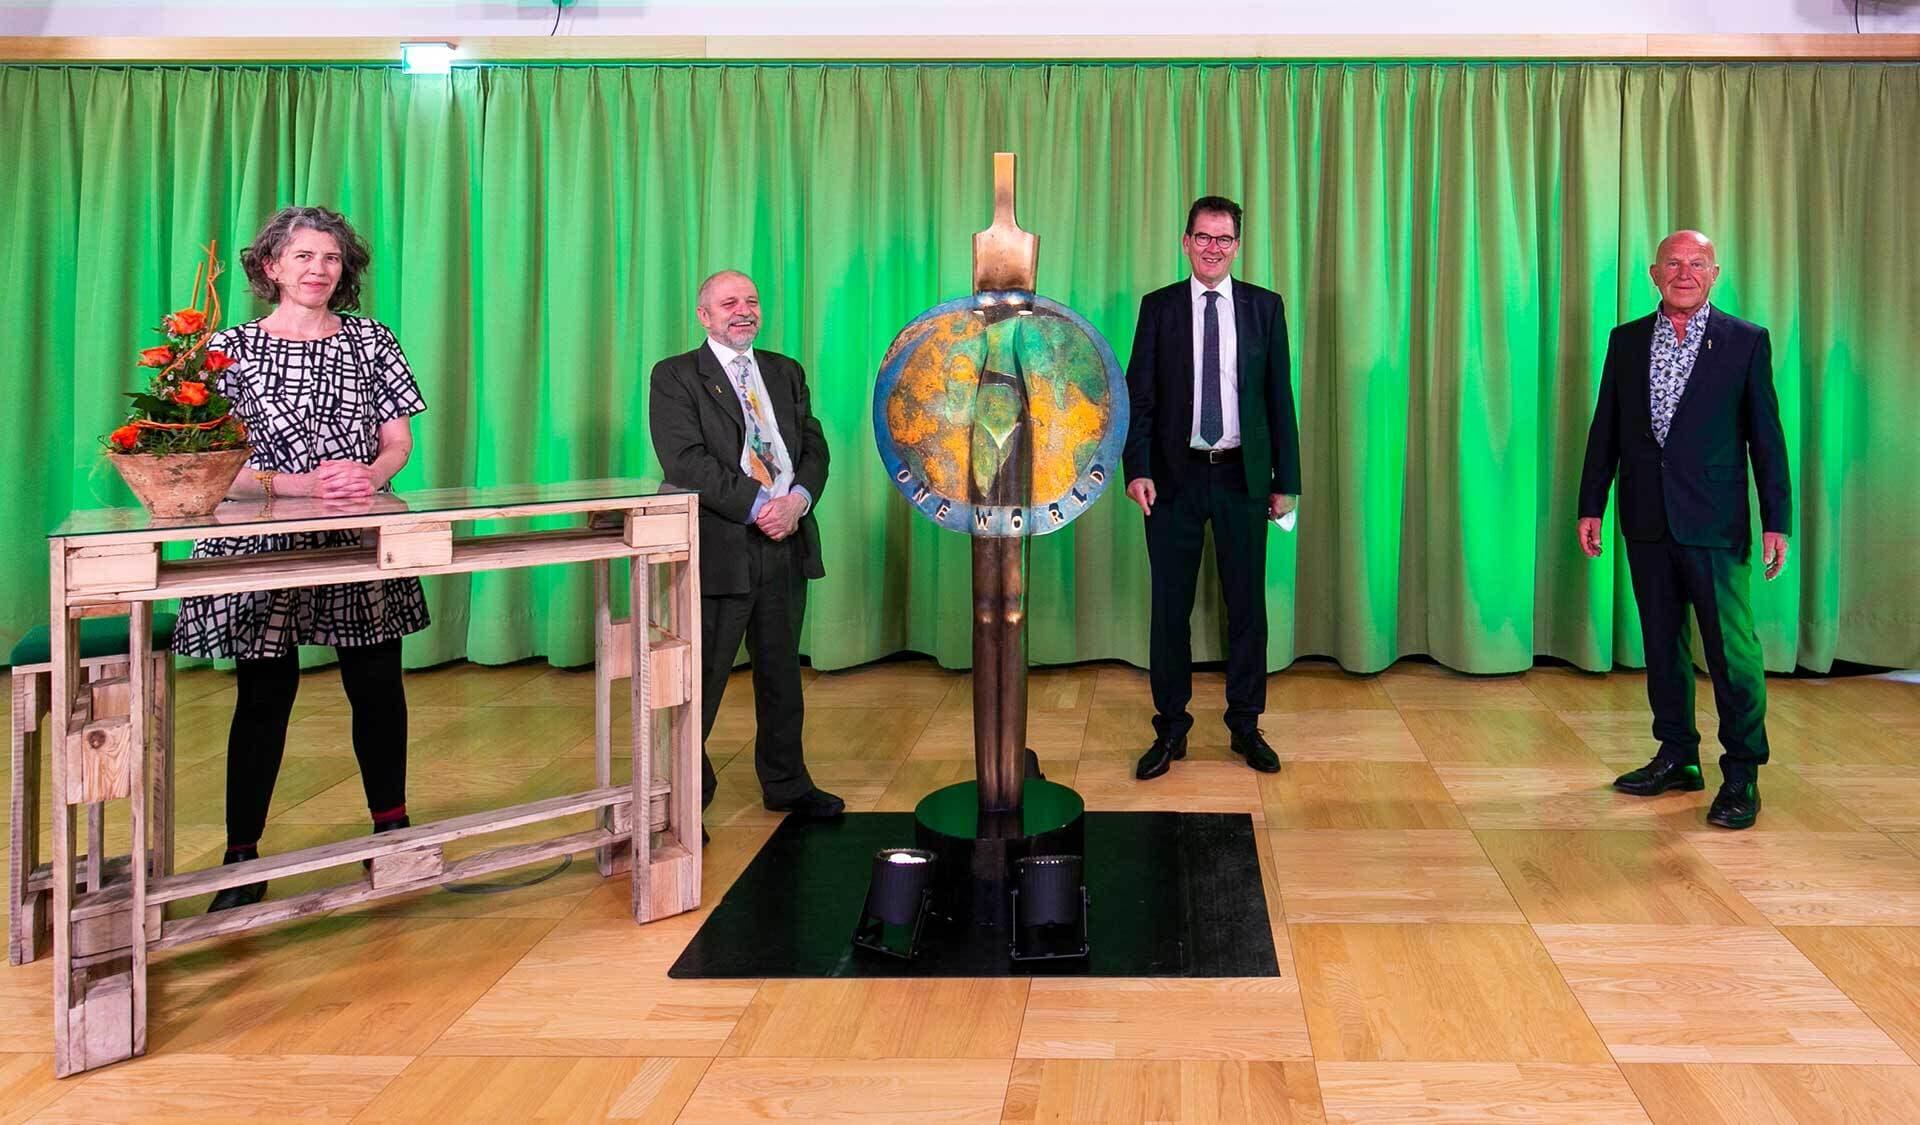 Owa 2021: Louise Luttikholt, Berndward Geier, Dr. Gerd Müller, Joseph Wilhelm